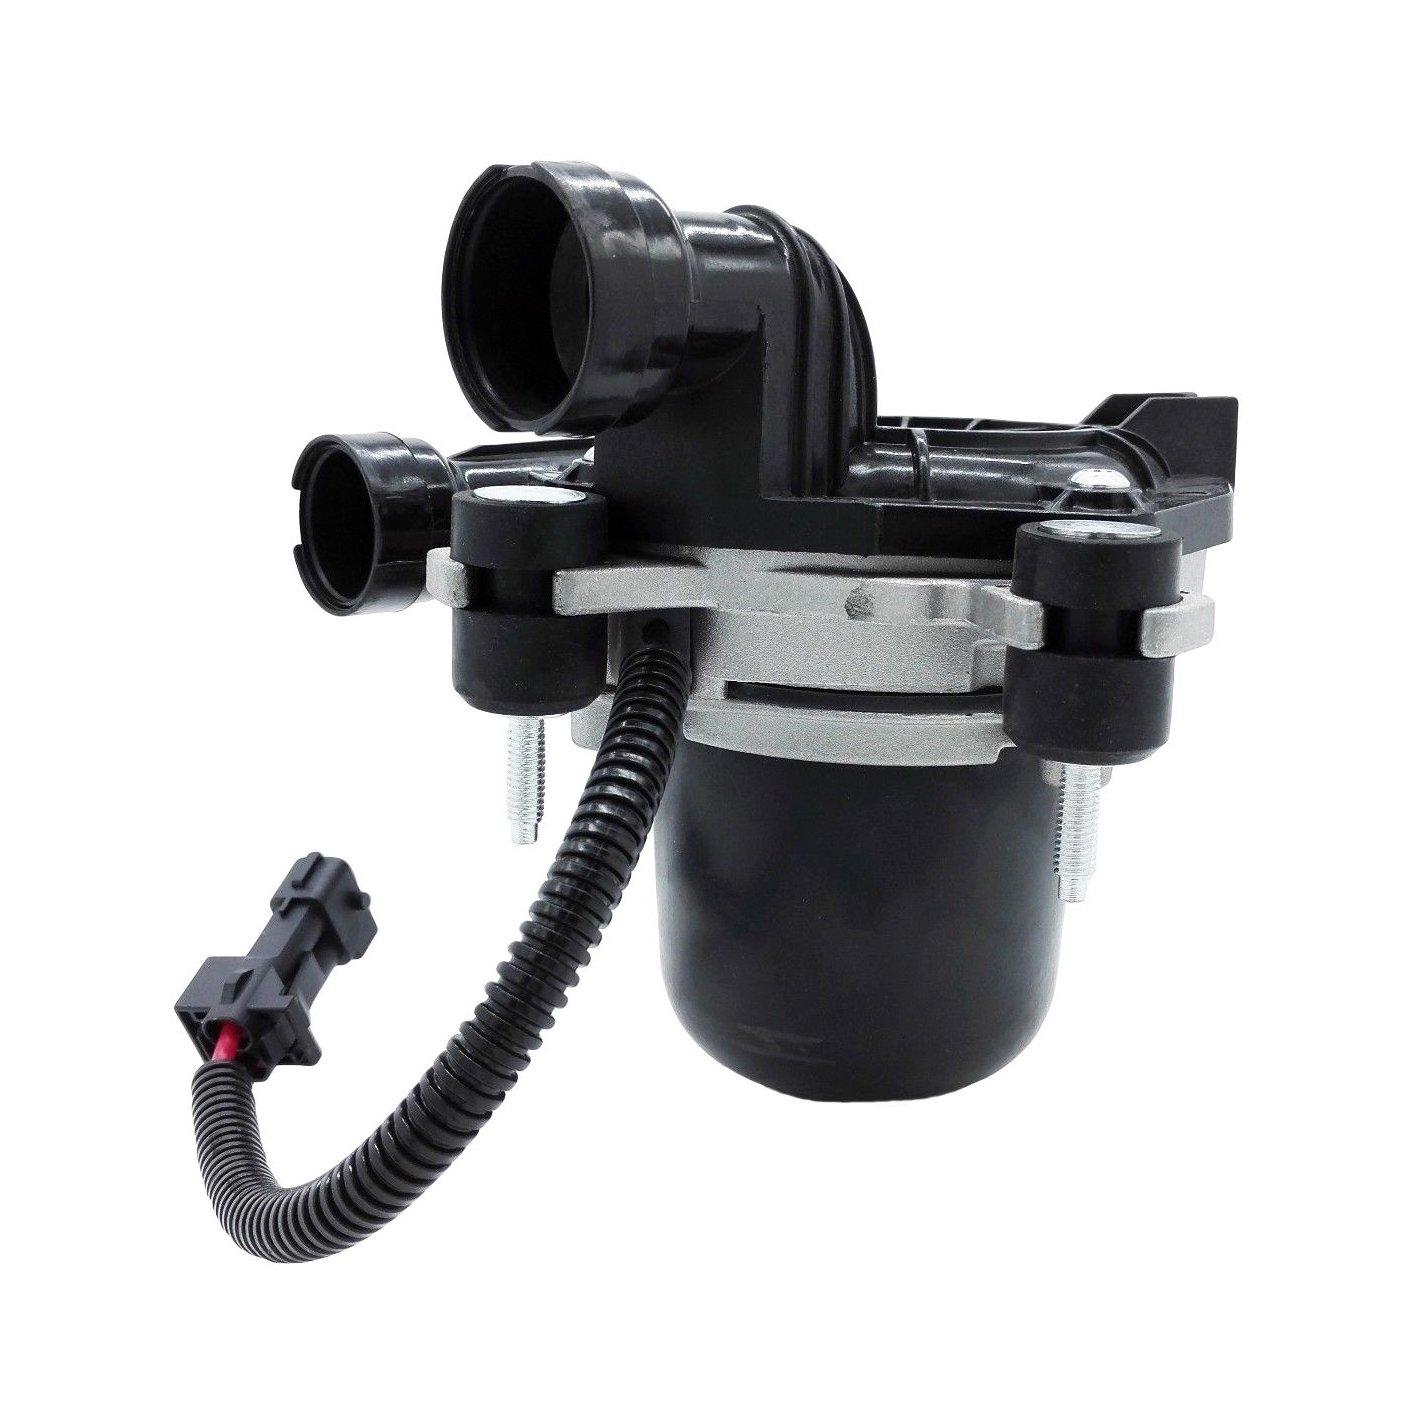 OKAY MOTOR Secondary Air Pump for BMW E46 E60 E63 E64 E83 X3 E53 X5 M5 M6 M54